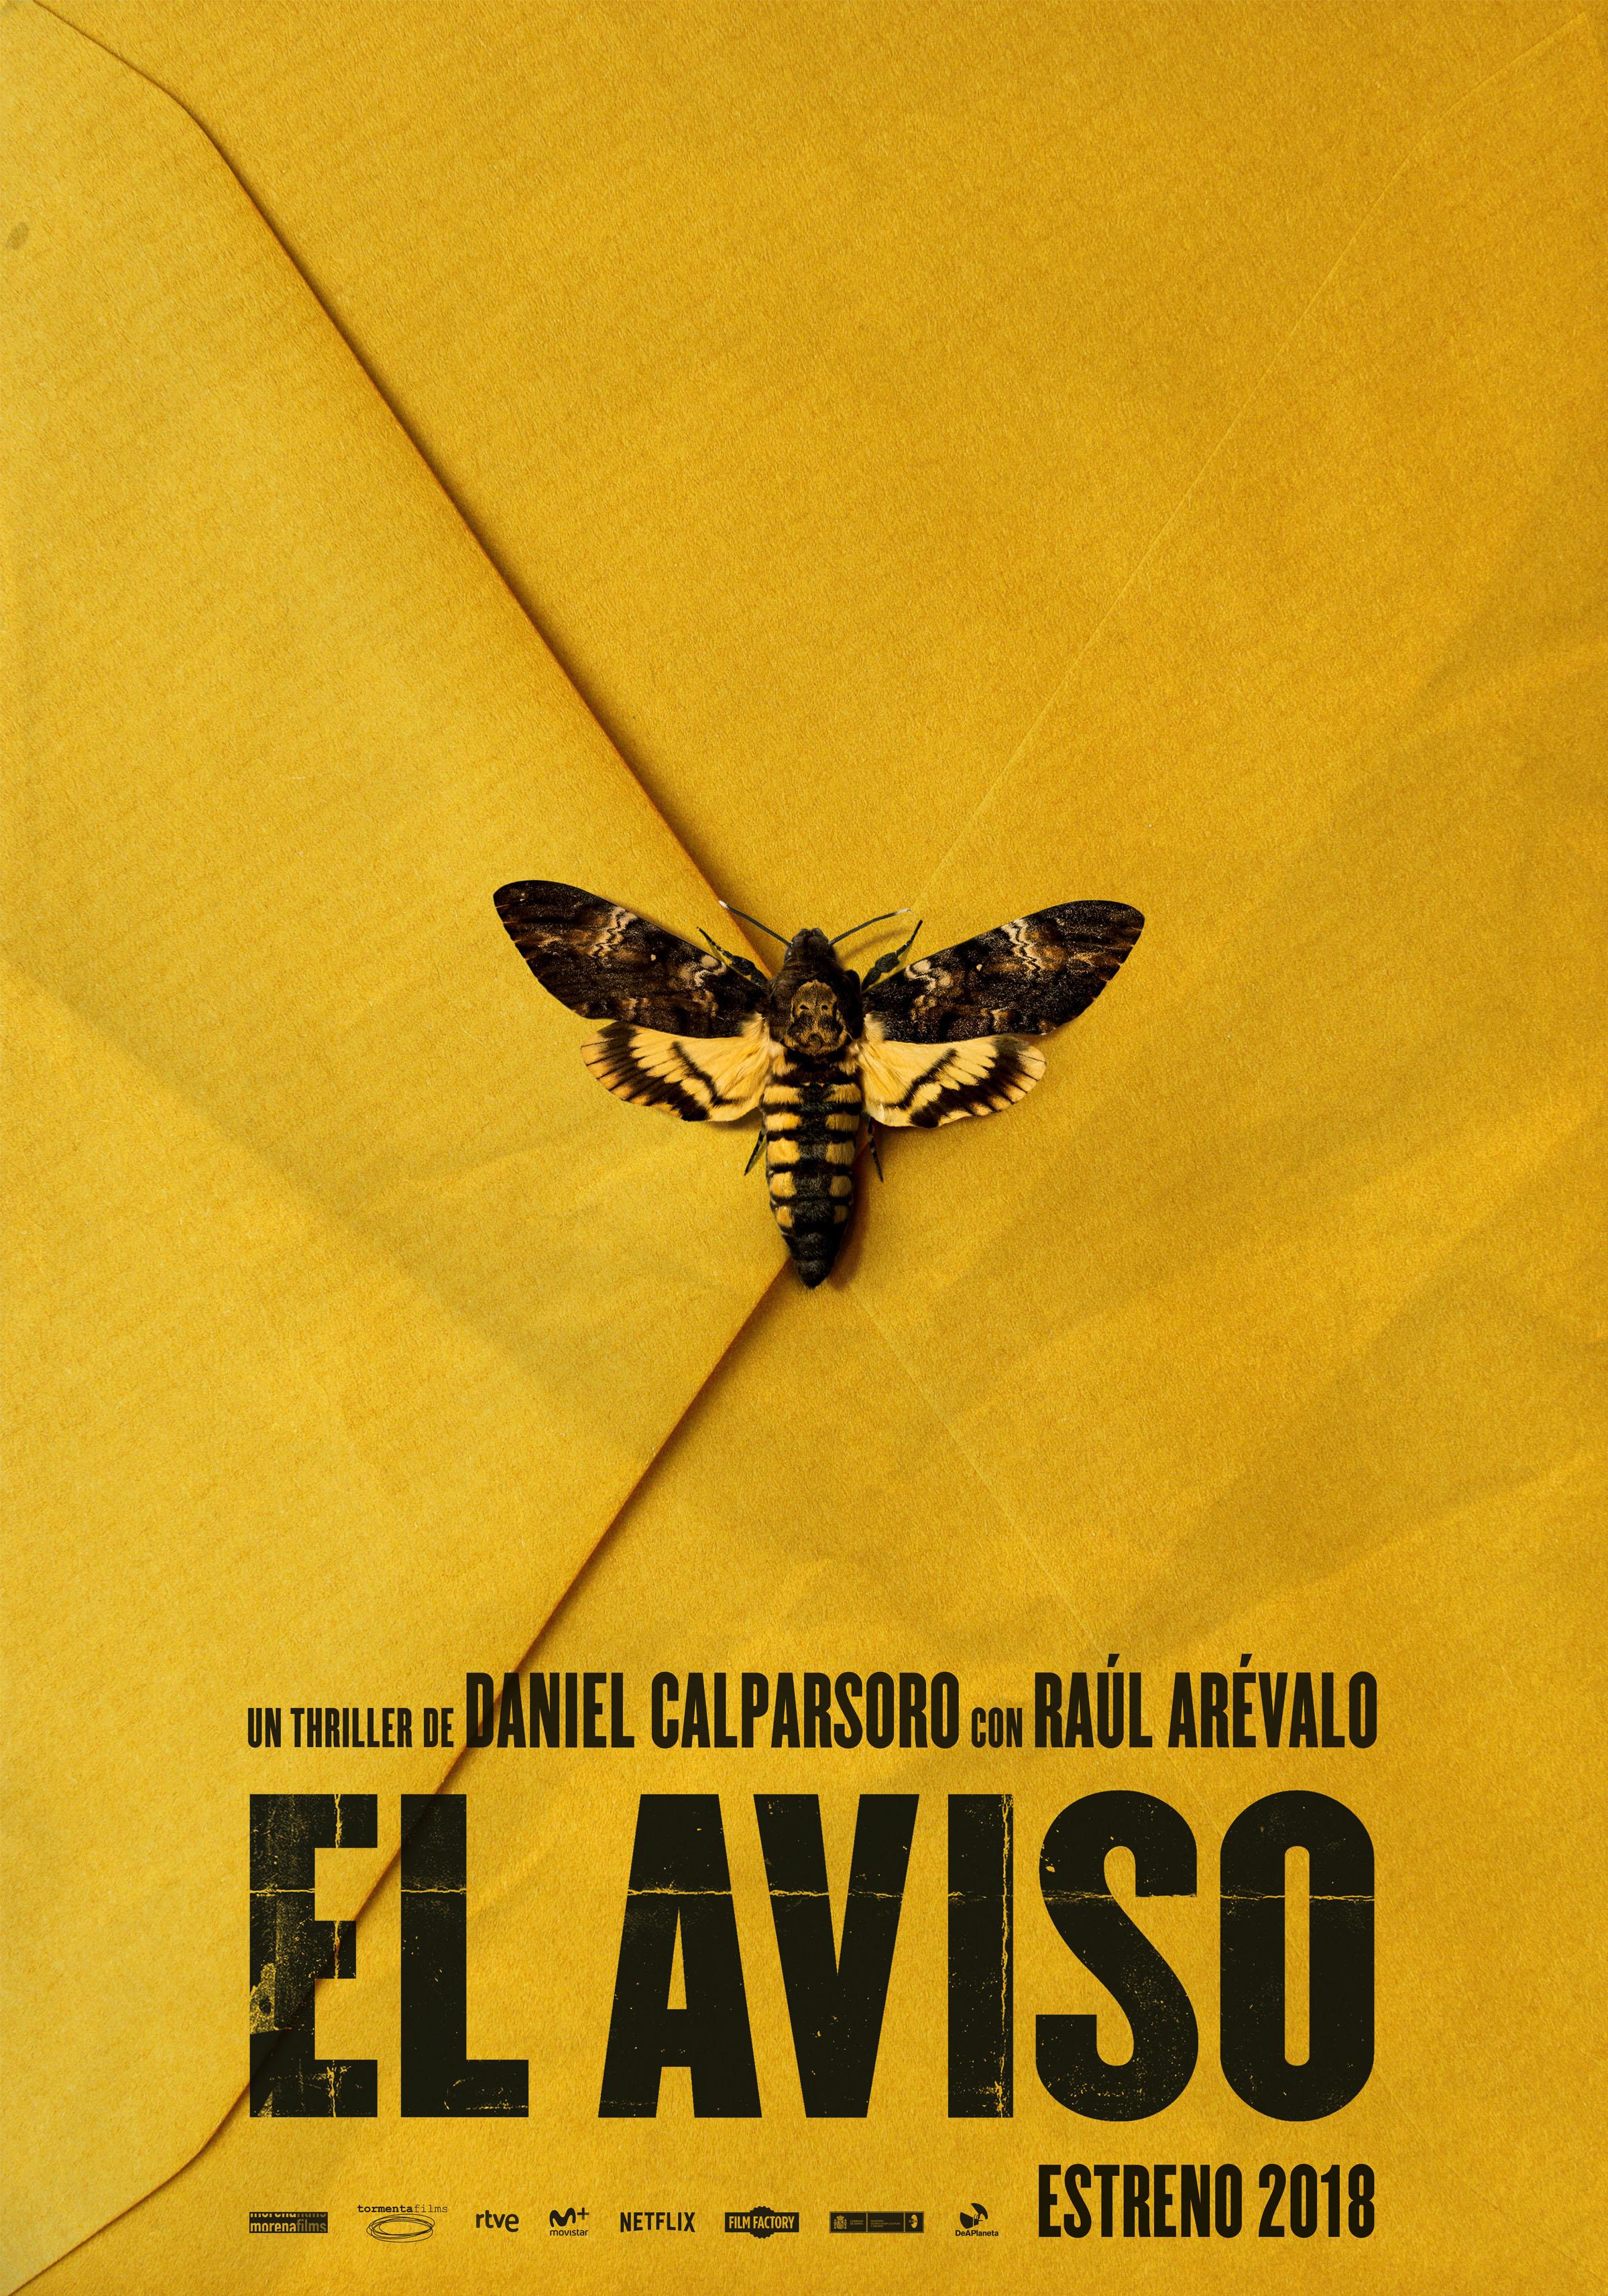 'El aviso': Teaser póster de la nueva película de Daniel Calparsoro